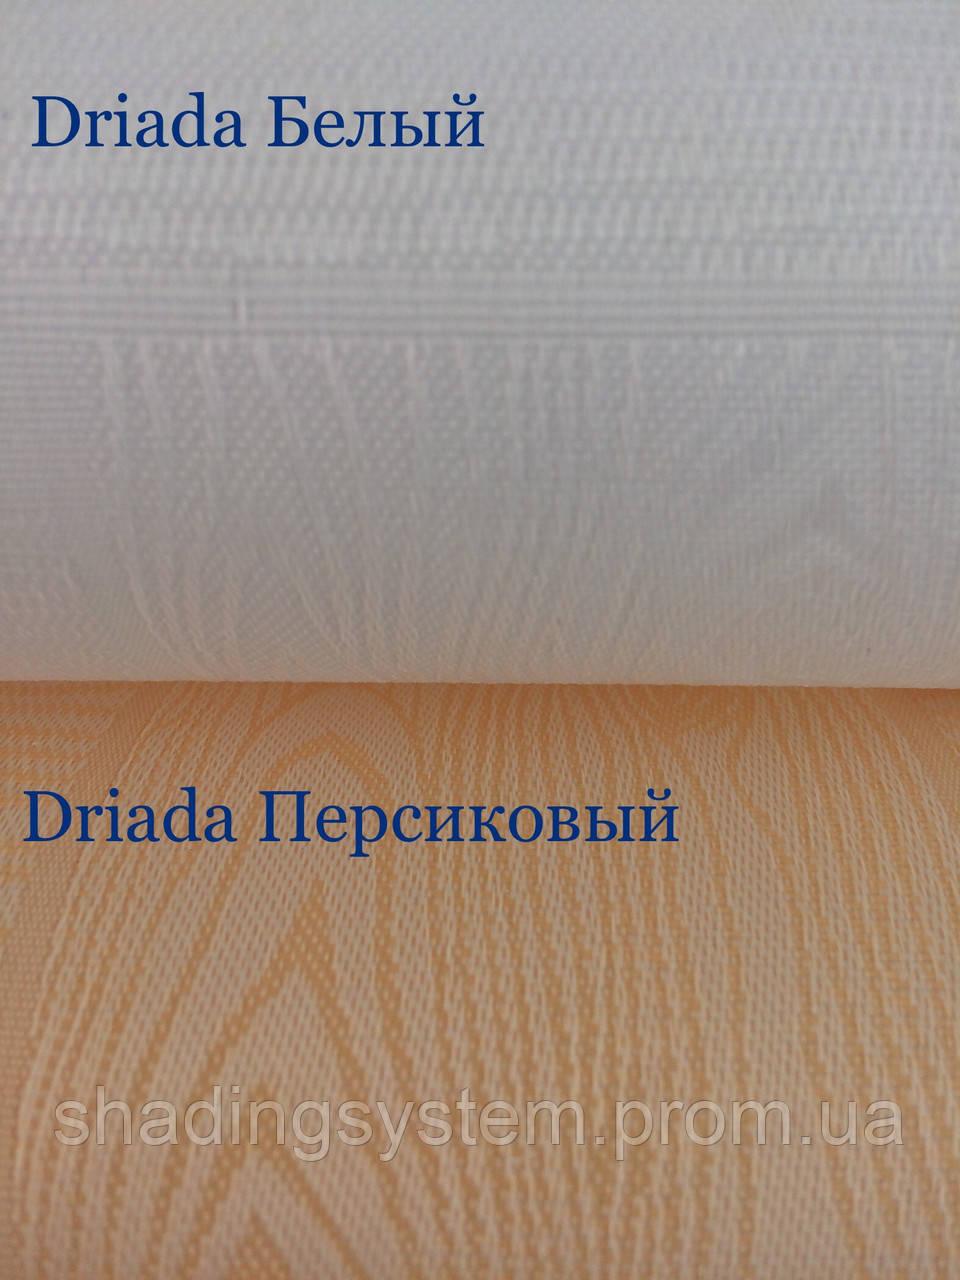 Роллеты тканевые Driada